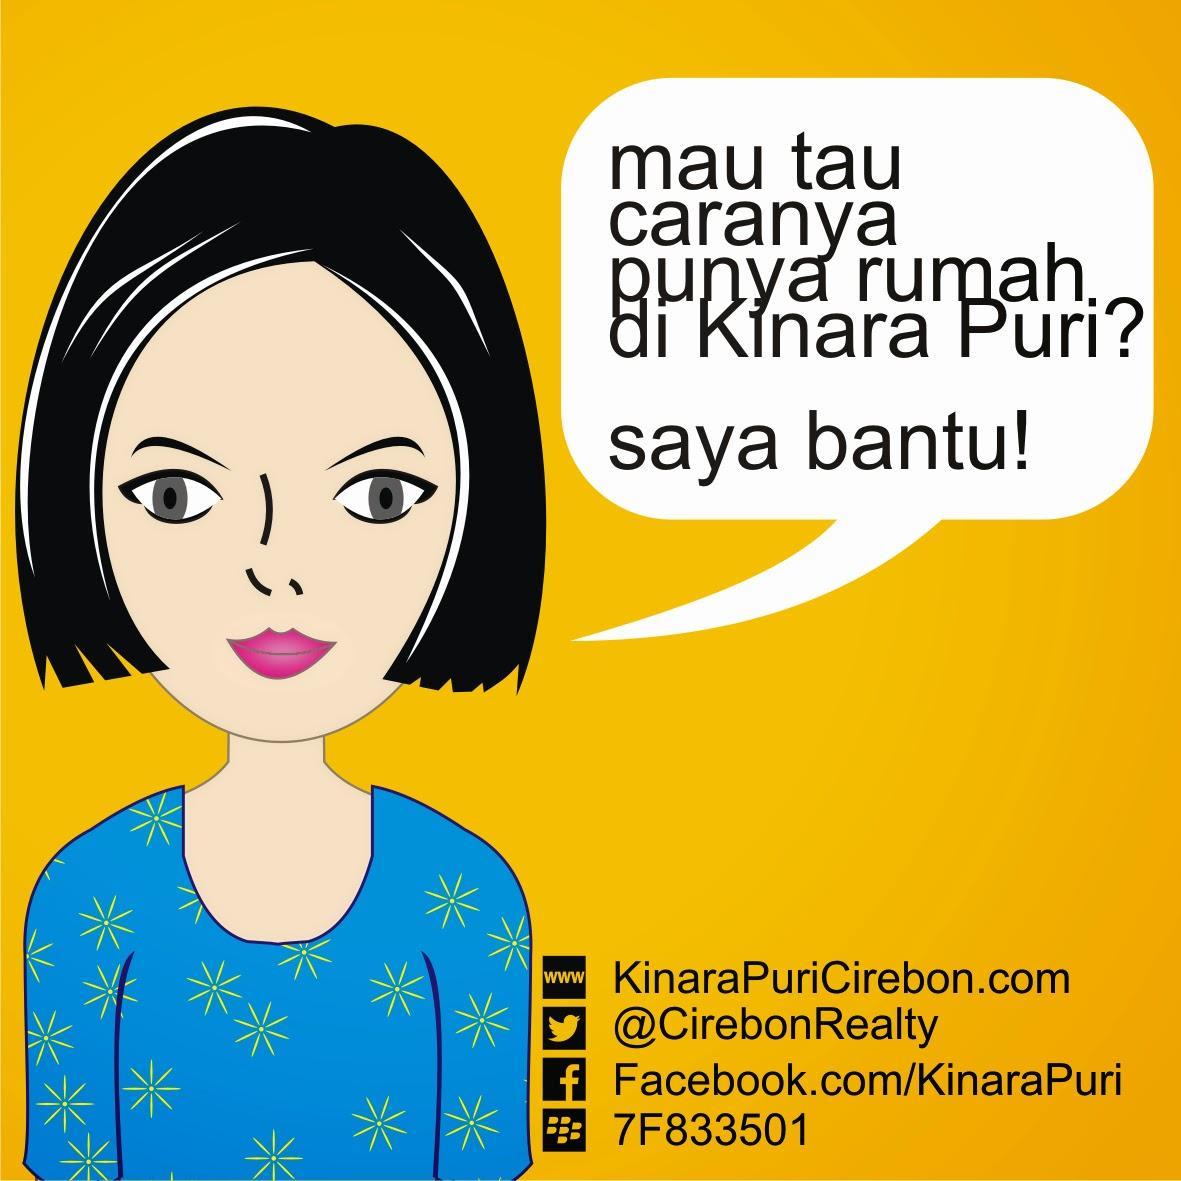 Kinara Puri Cirebon